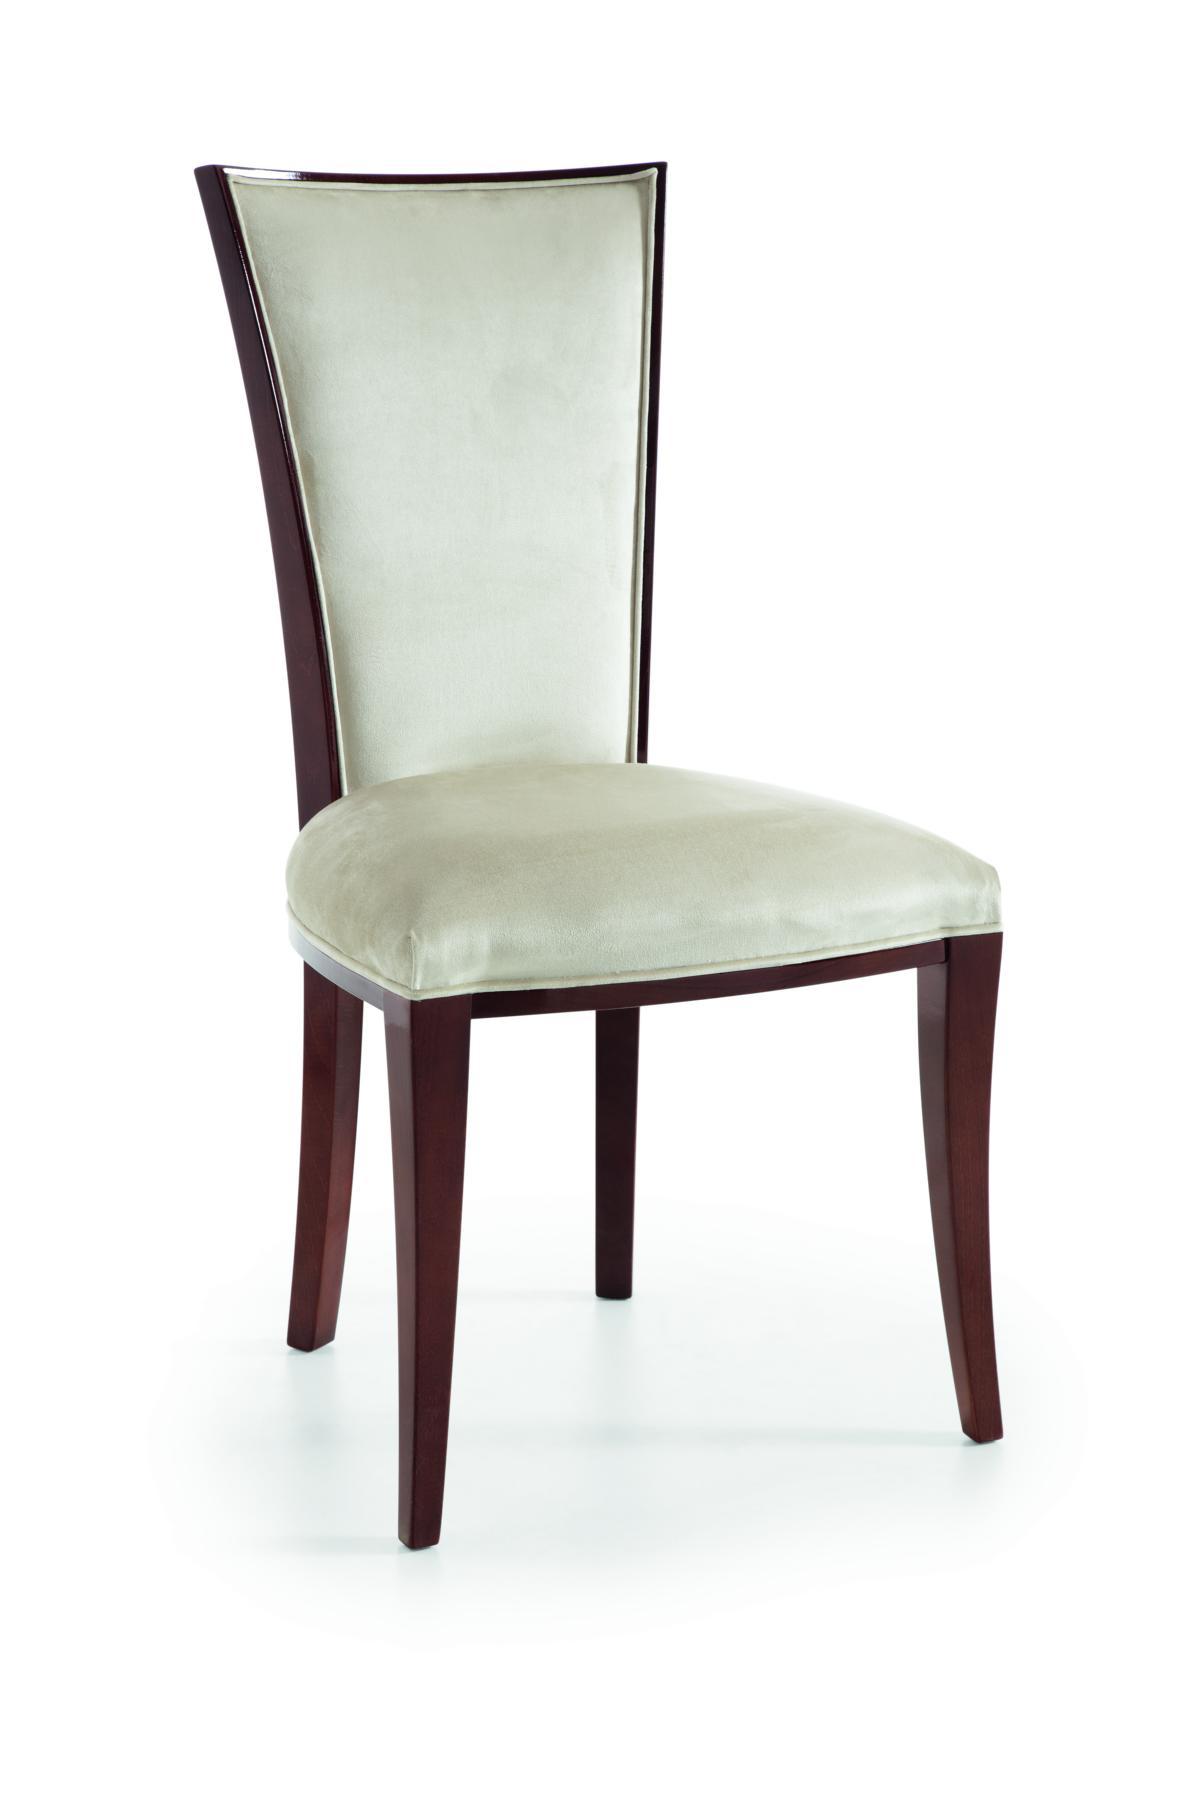 Designer Stuhl Sessel Königlicher Klassiker Stühle Polster